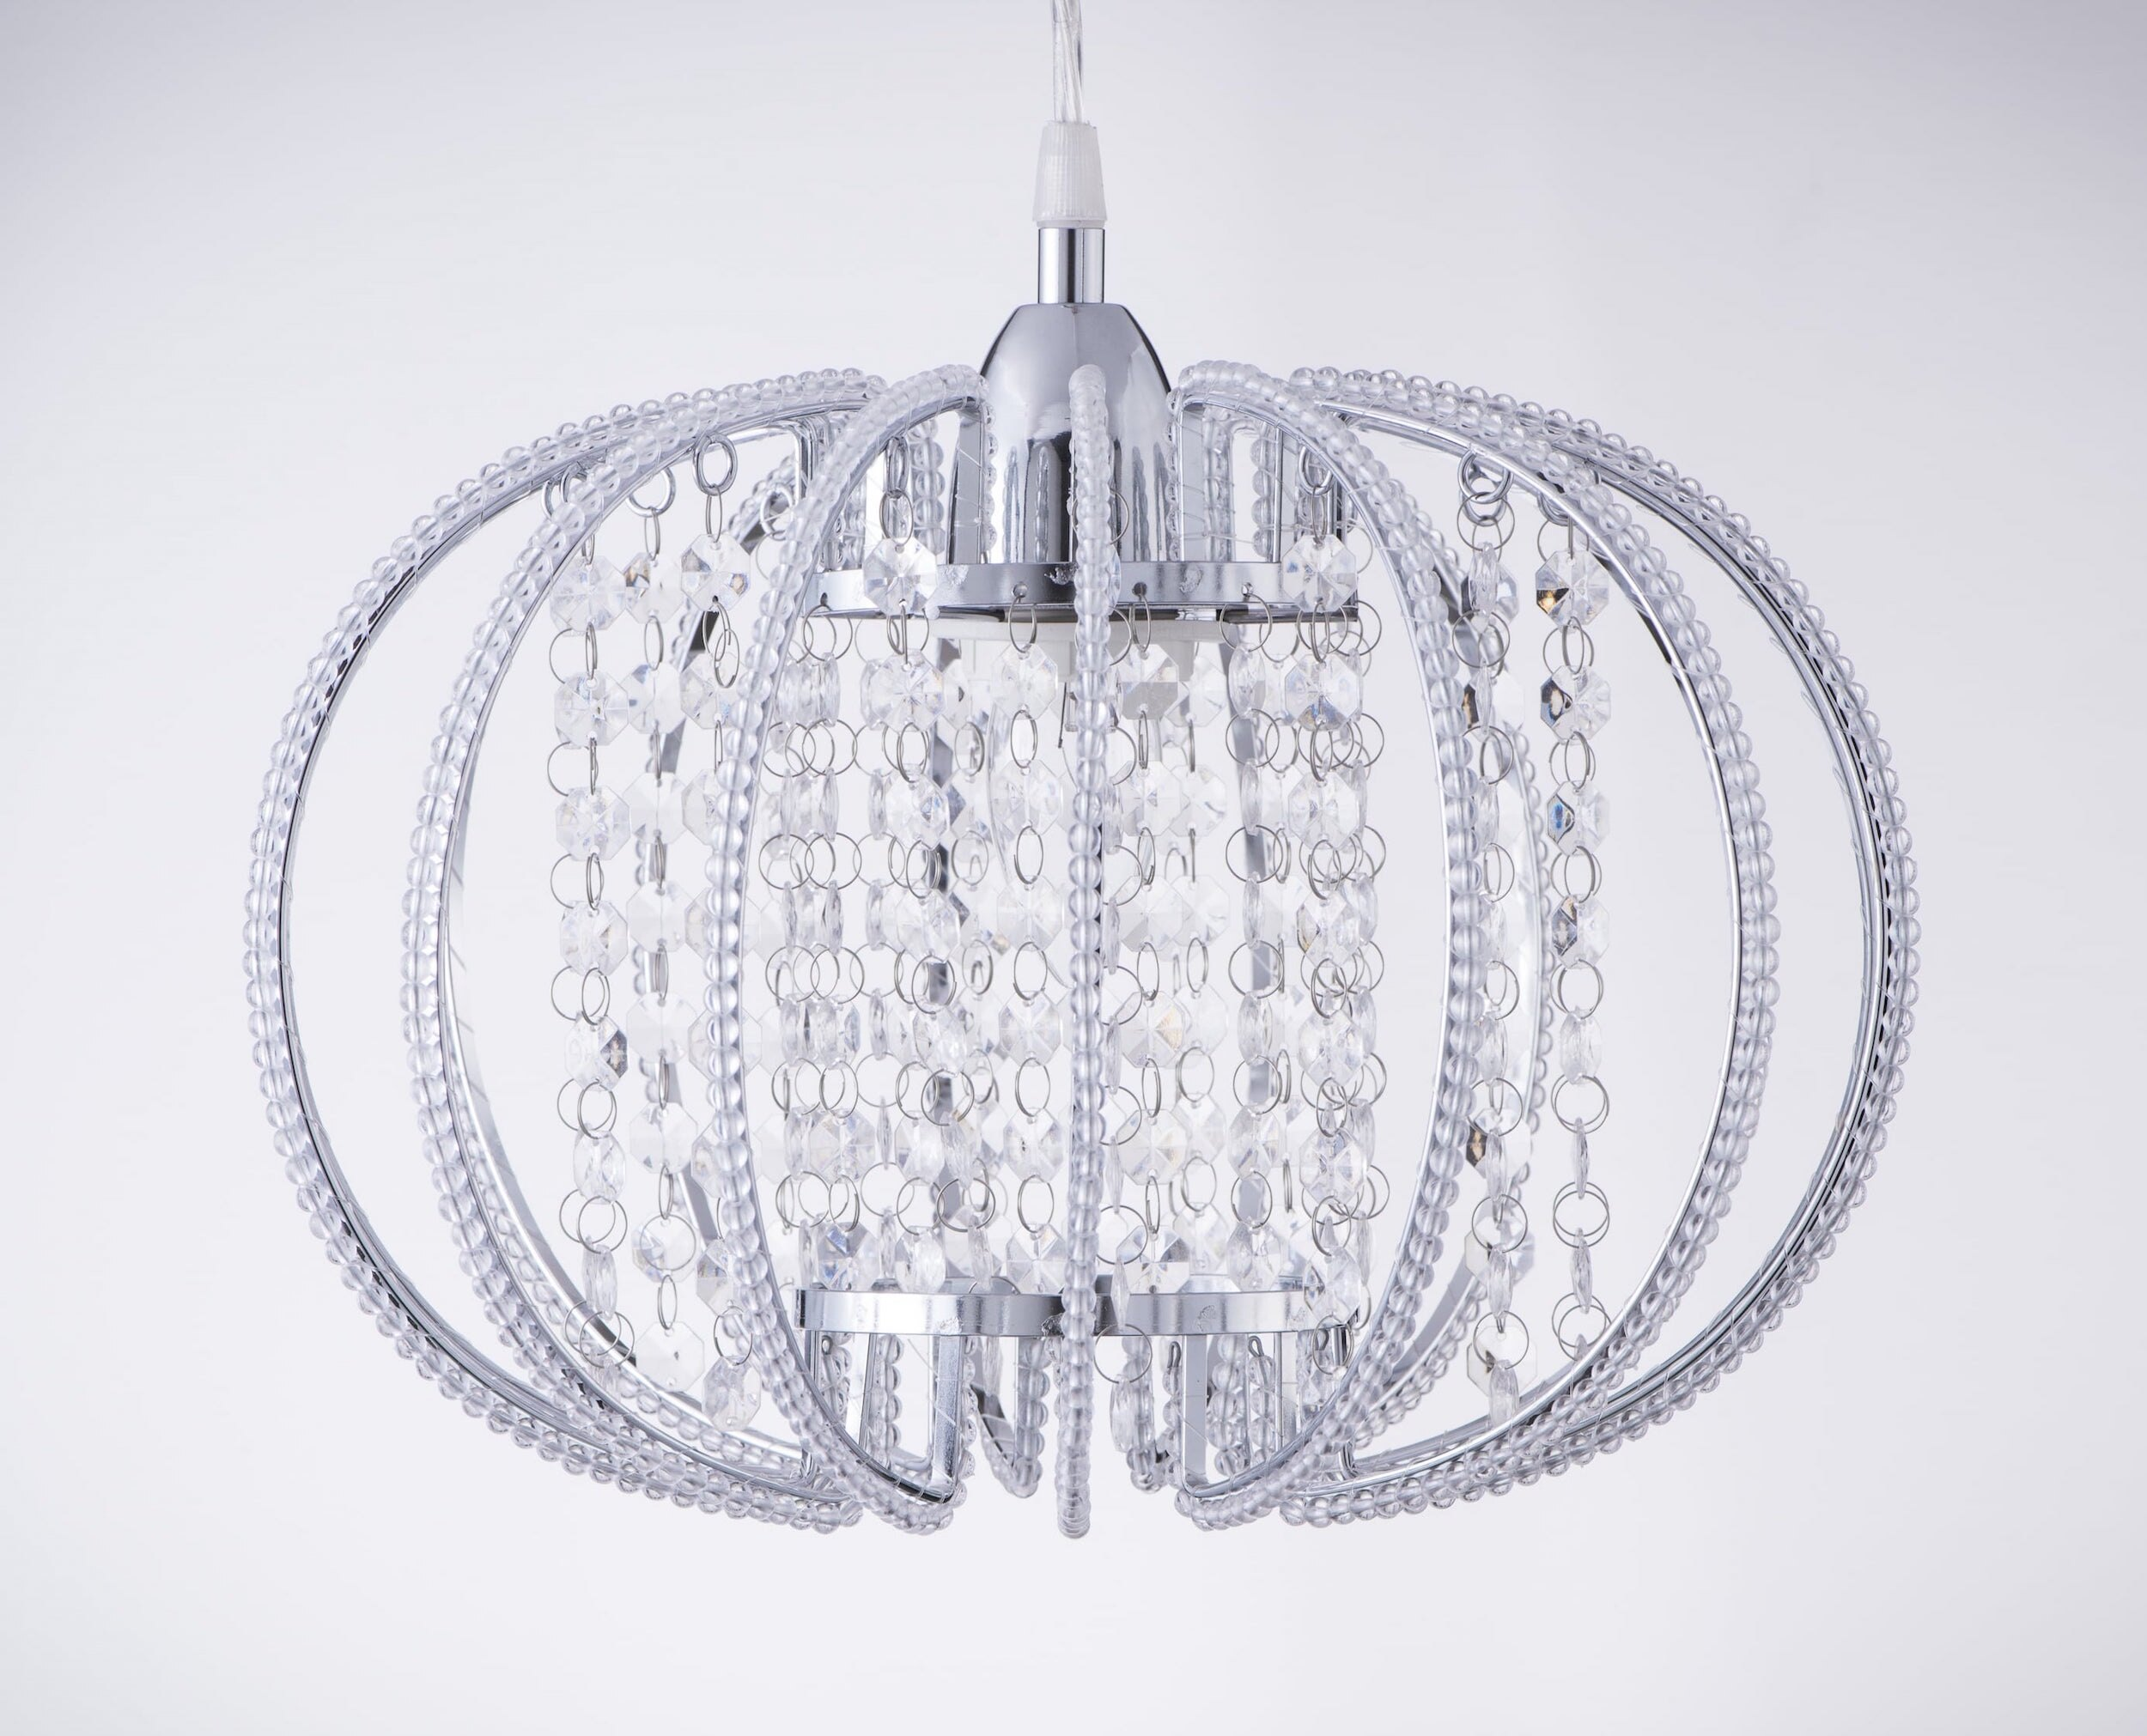 鍍鉻圓形透明壓克力珠吊燈-BNL00046 0